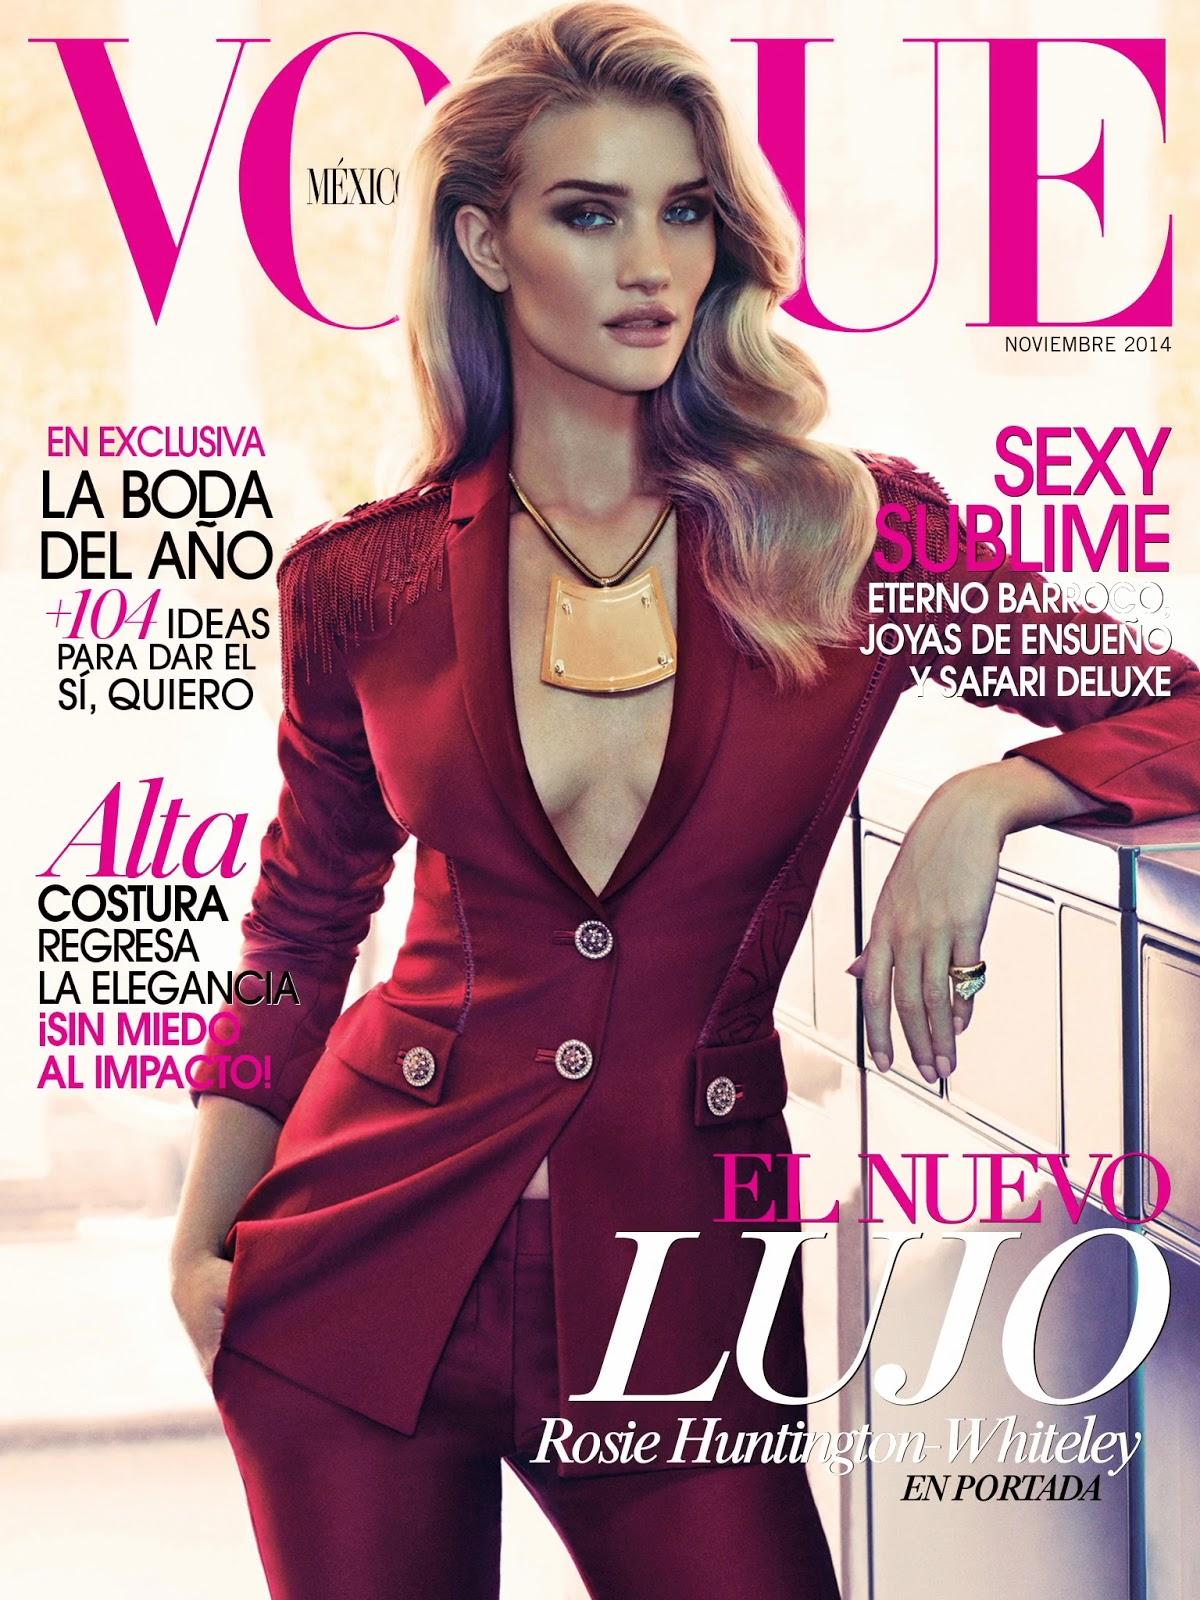 Smile rosie huntington whiteley in vogue mexico november Revista fashion style magazine